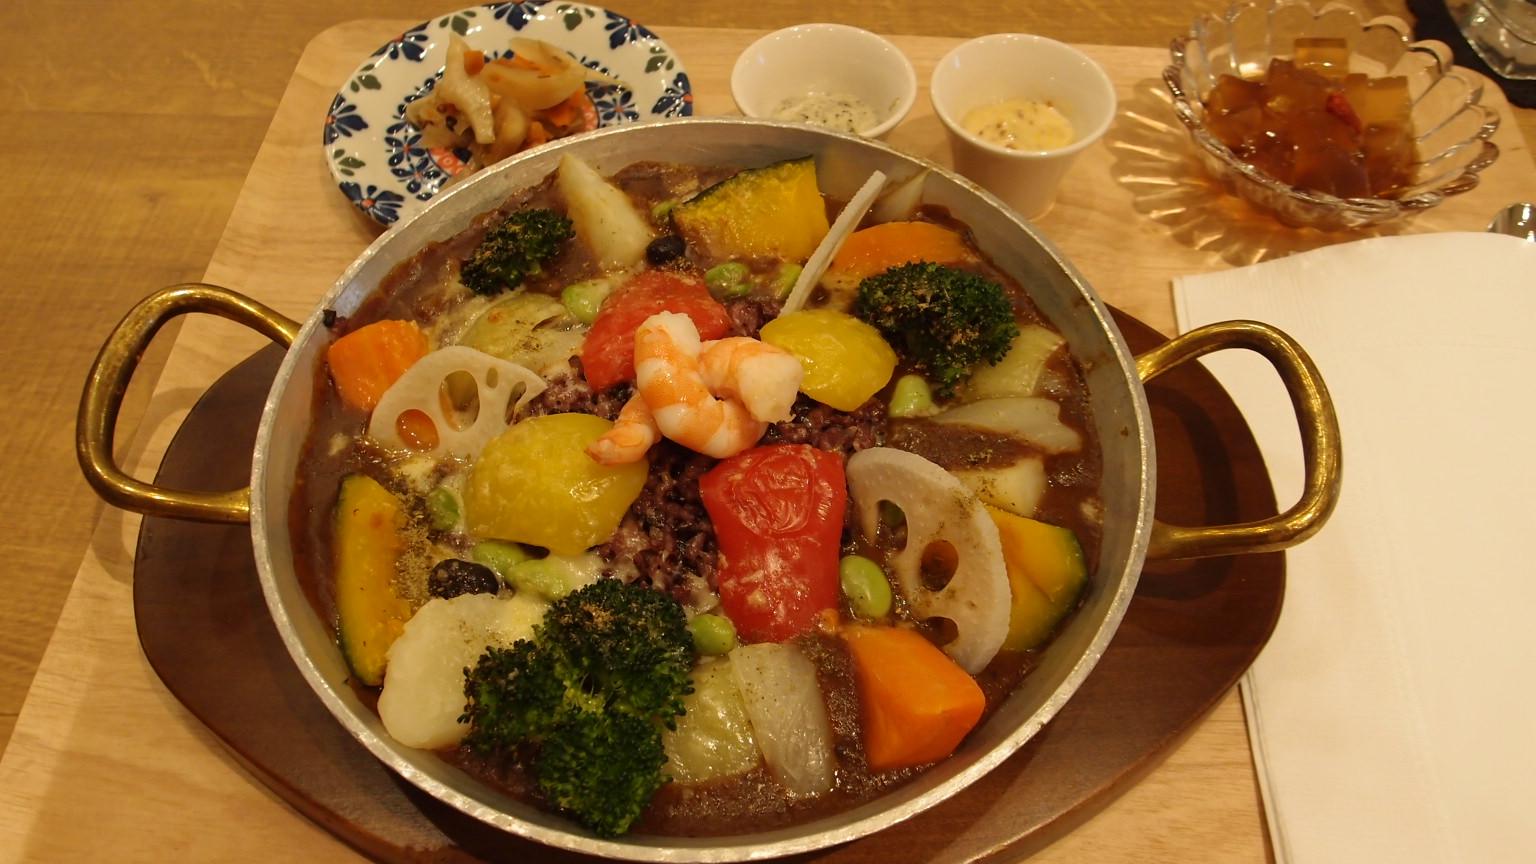 銀座 銀座カフェビストロ 森のtable 野菜のデトックス薬膳酵素カレー